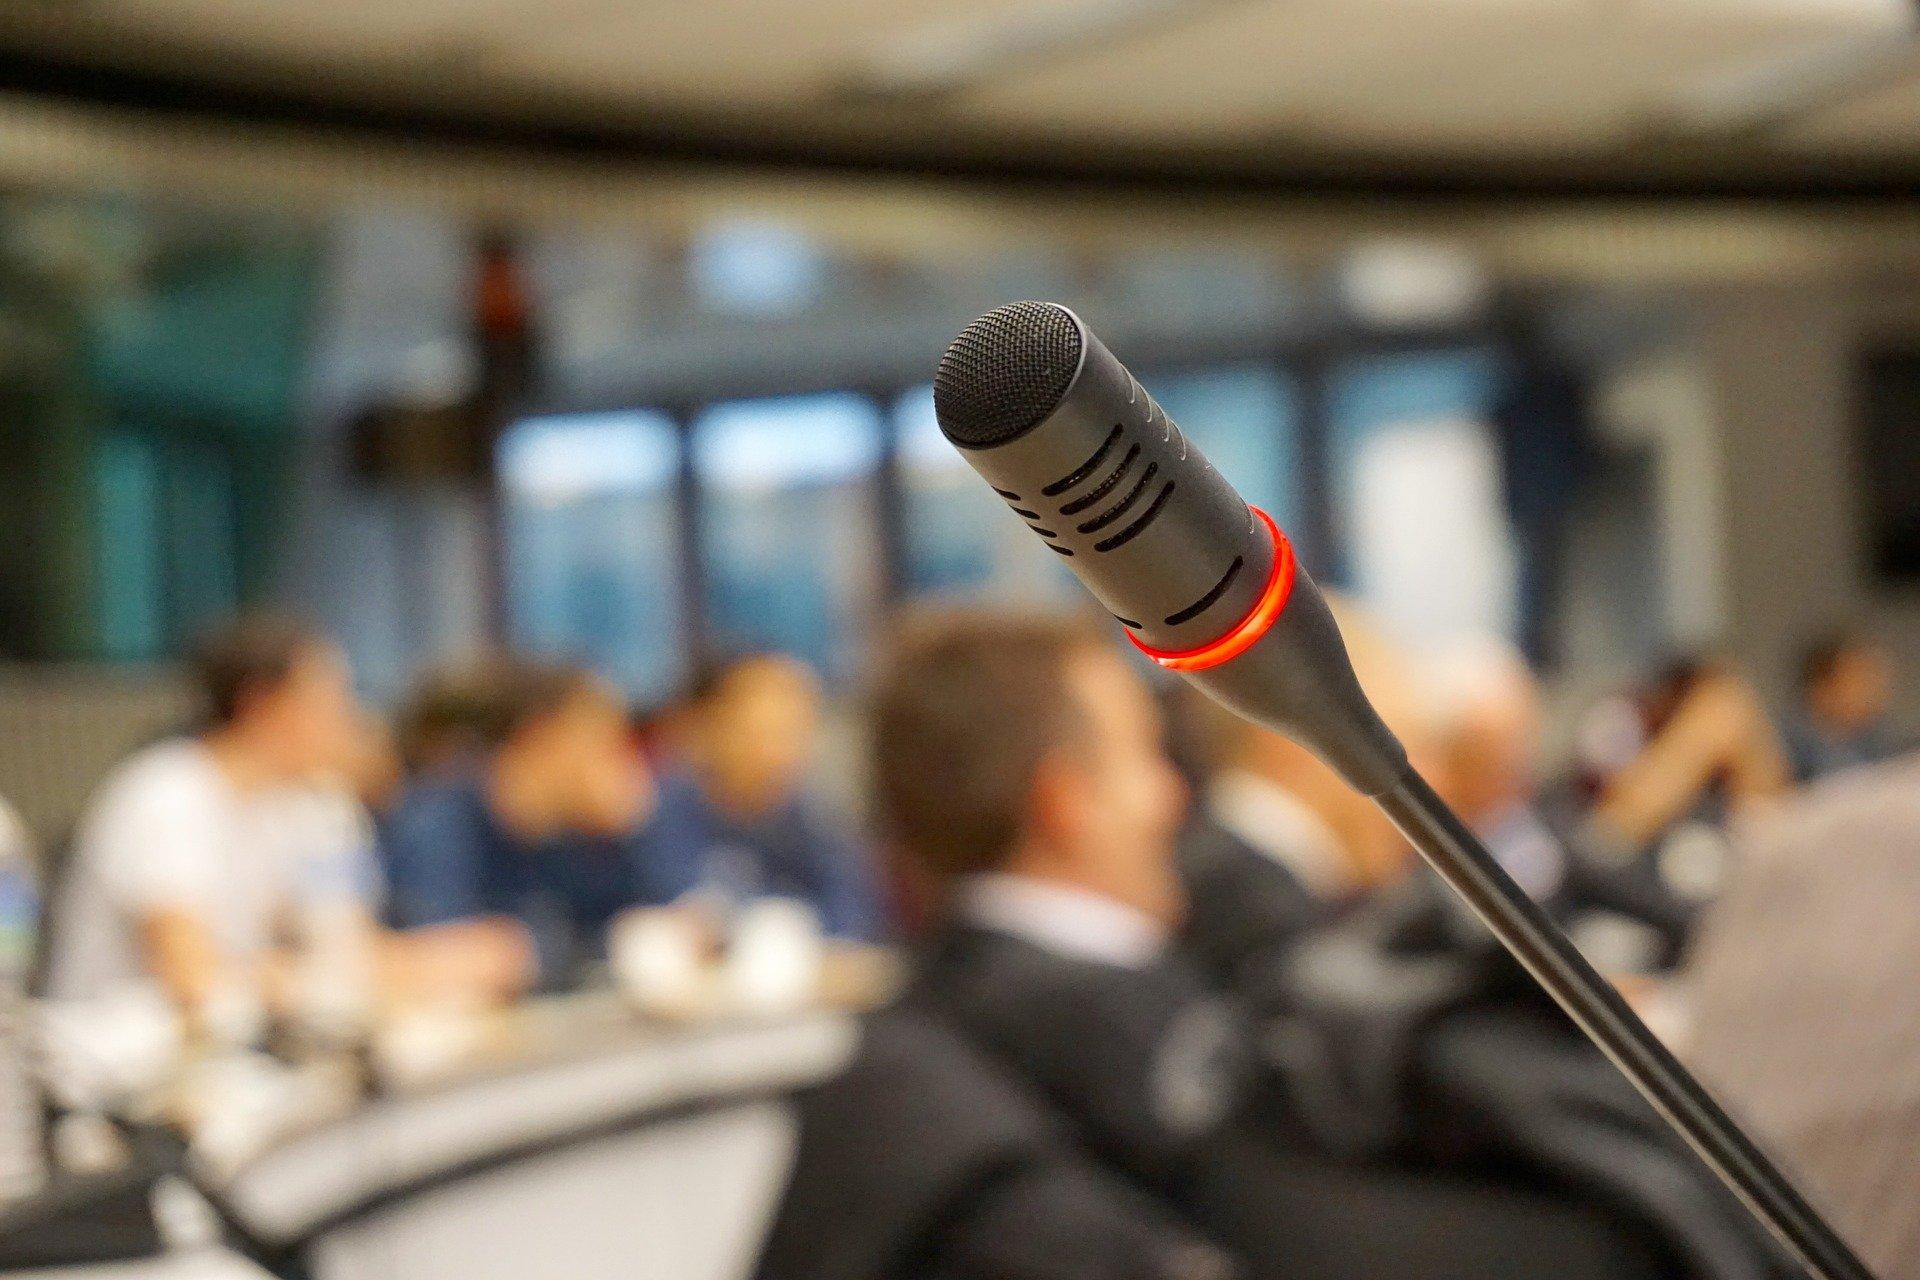 Comitê gestor da Redesim MG aprova norma que amplia dispensa de atividades de baixo risco no Estado